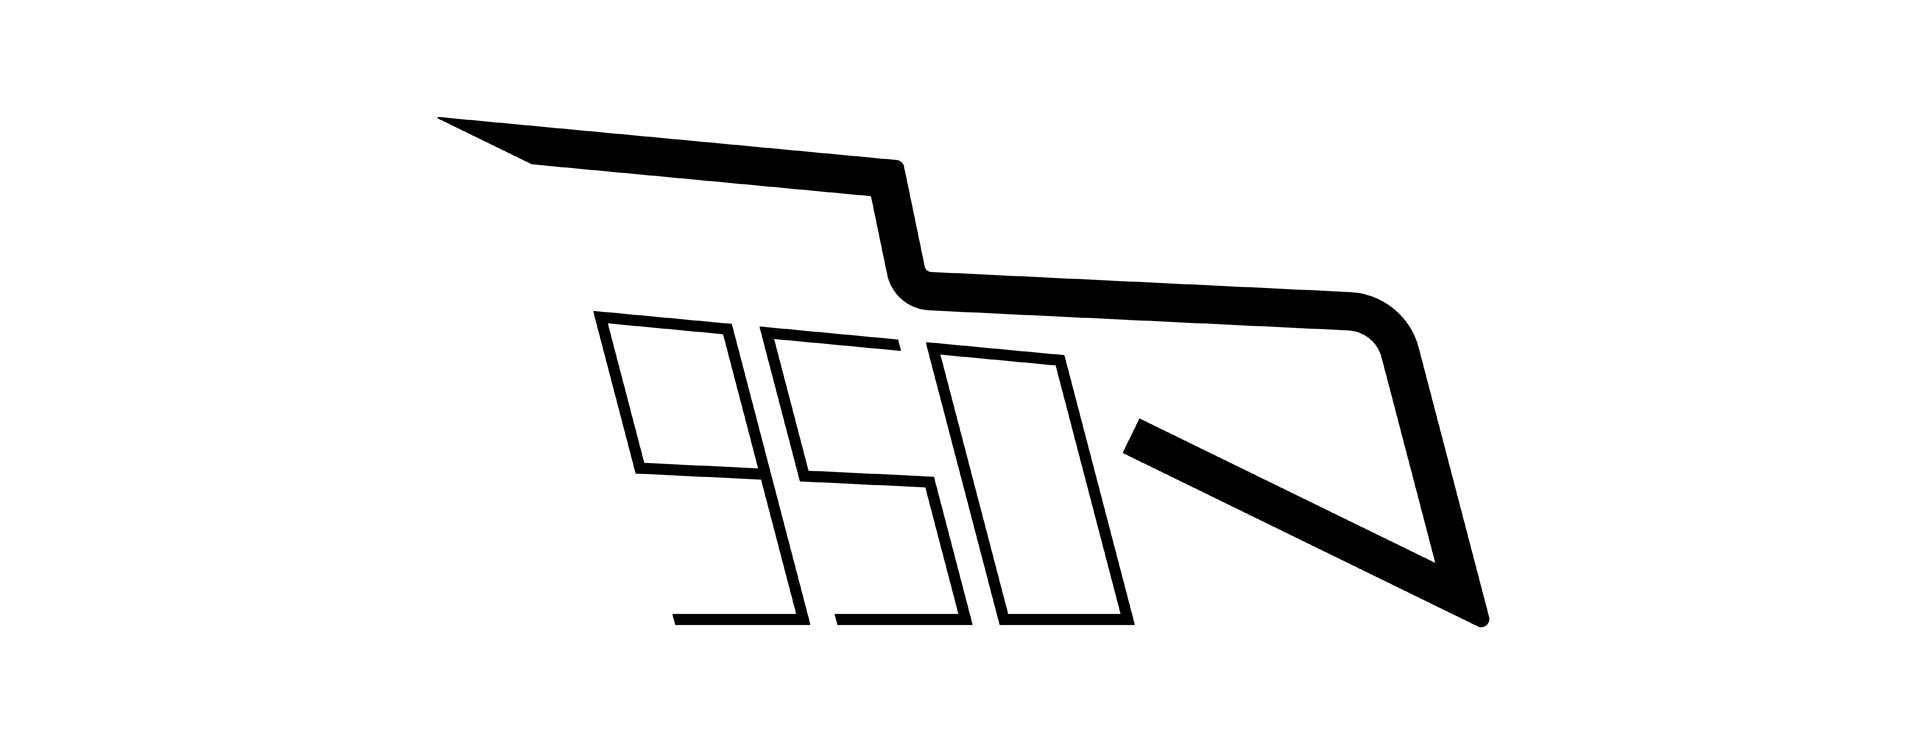 Classe 950 course au large voile voilier logo